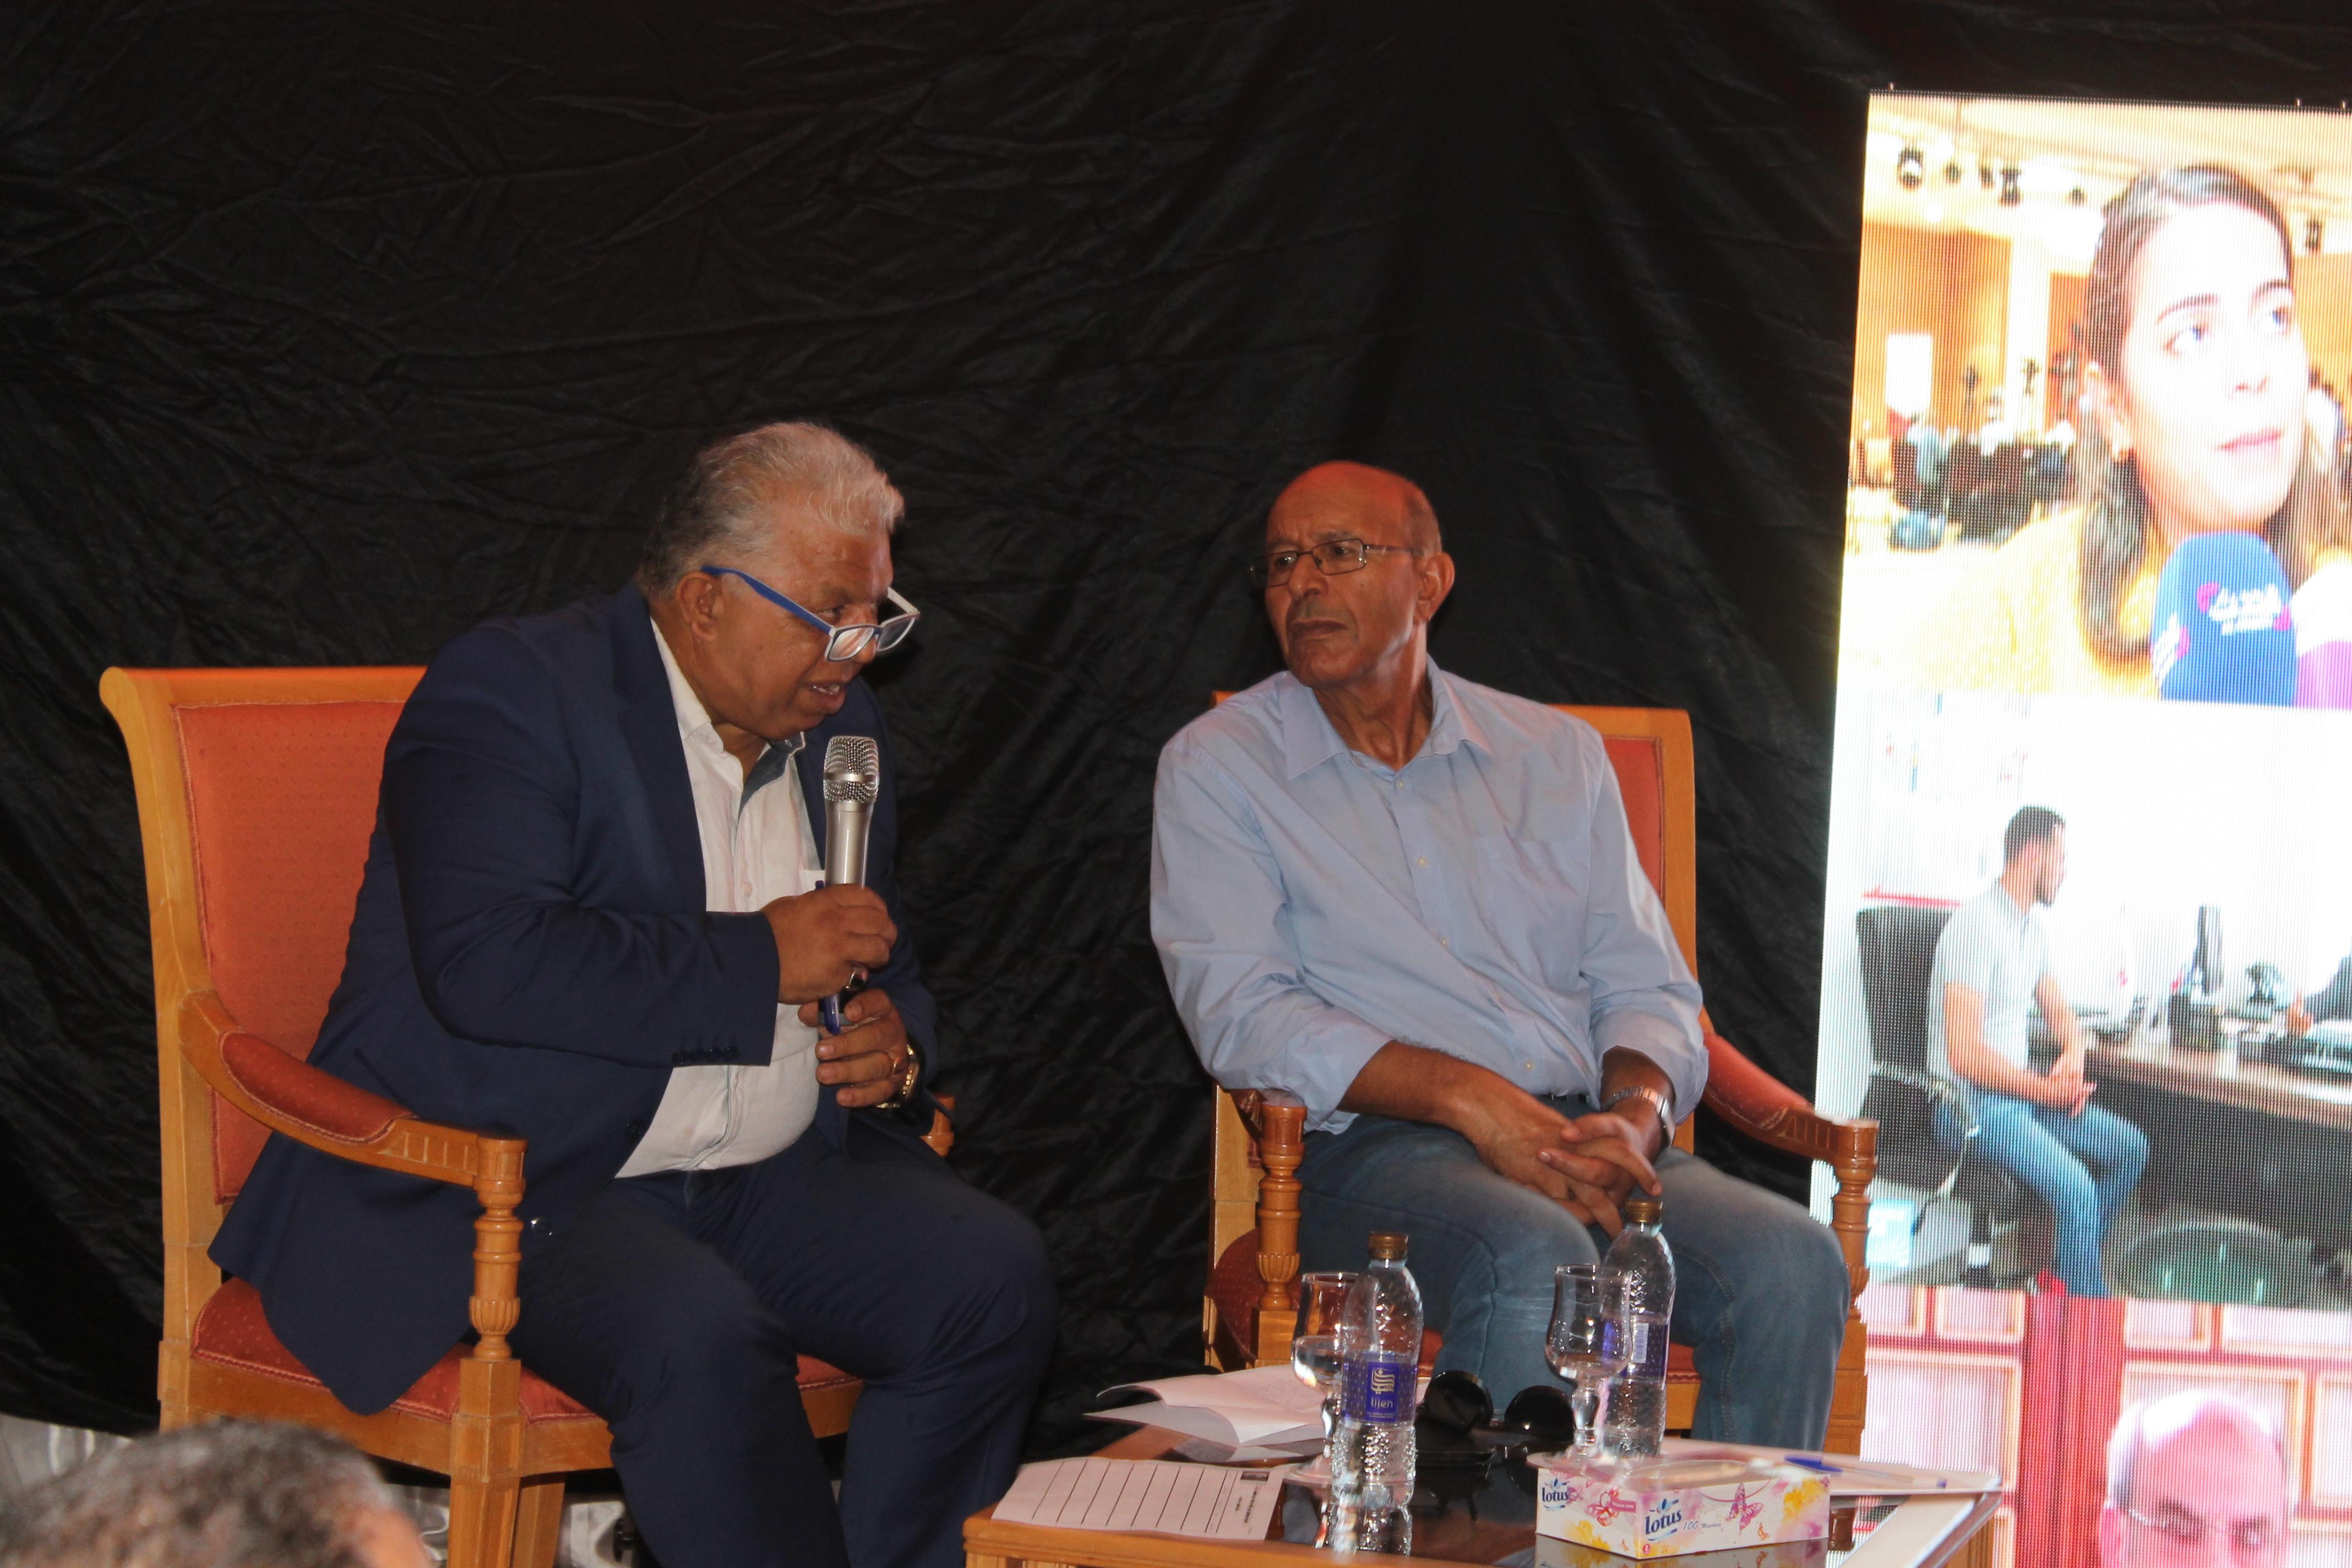 في حلقة نقاش سياسيّة:من يسعى إلى تشتيت أصوات التونسيين ؟ :